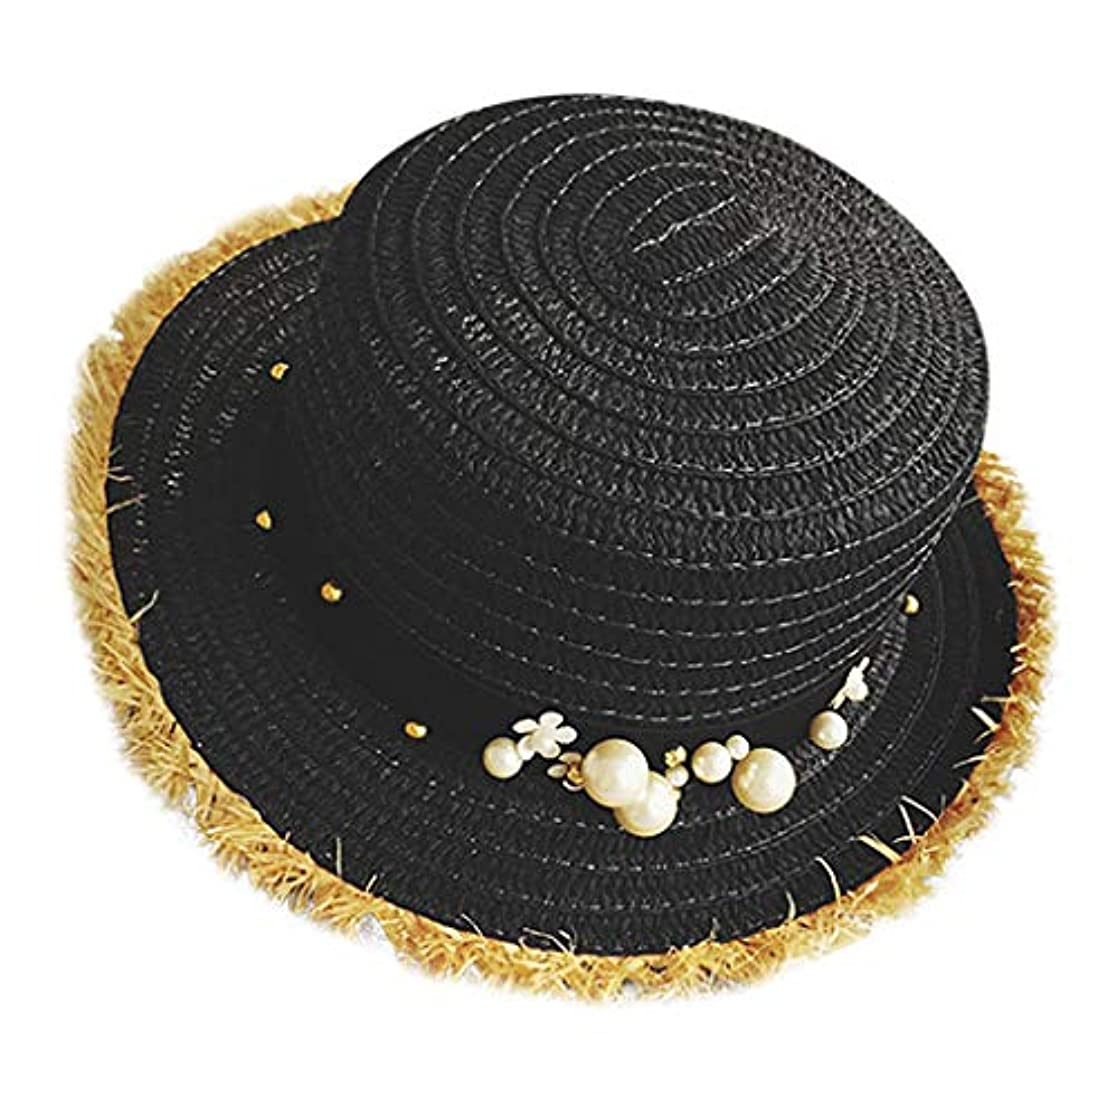 日没思いやりのある柔らかい足帽子 レディース UVカット 帽子 麦わら帽子 UV帽子 紫外線対策 通気性 漁師の帽子 ニット帽 マニュアル 真珠 太陽 キャップ 余暇 休暇 キャップ レディース ハンチング帽 大きいサイズ 発送 ROSE ROMAN